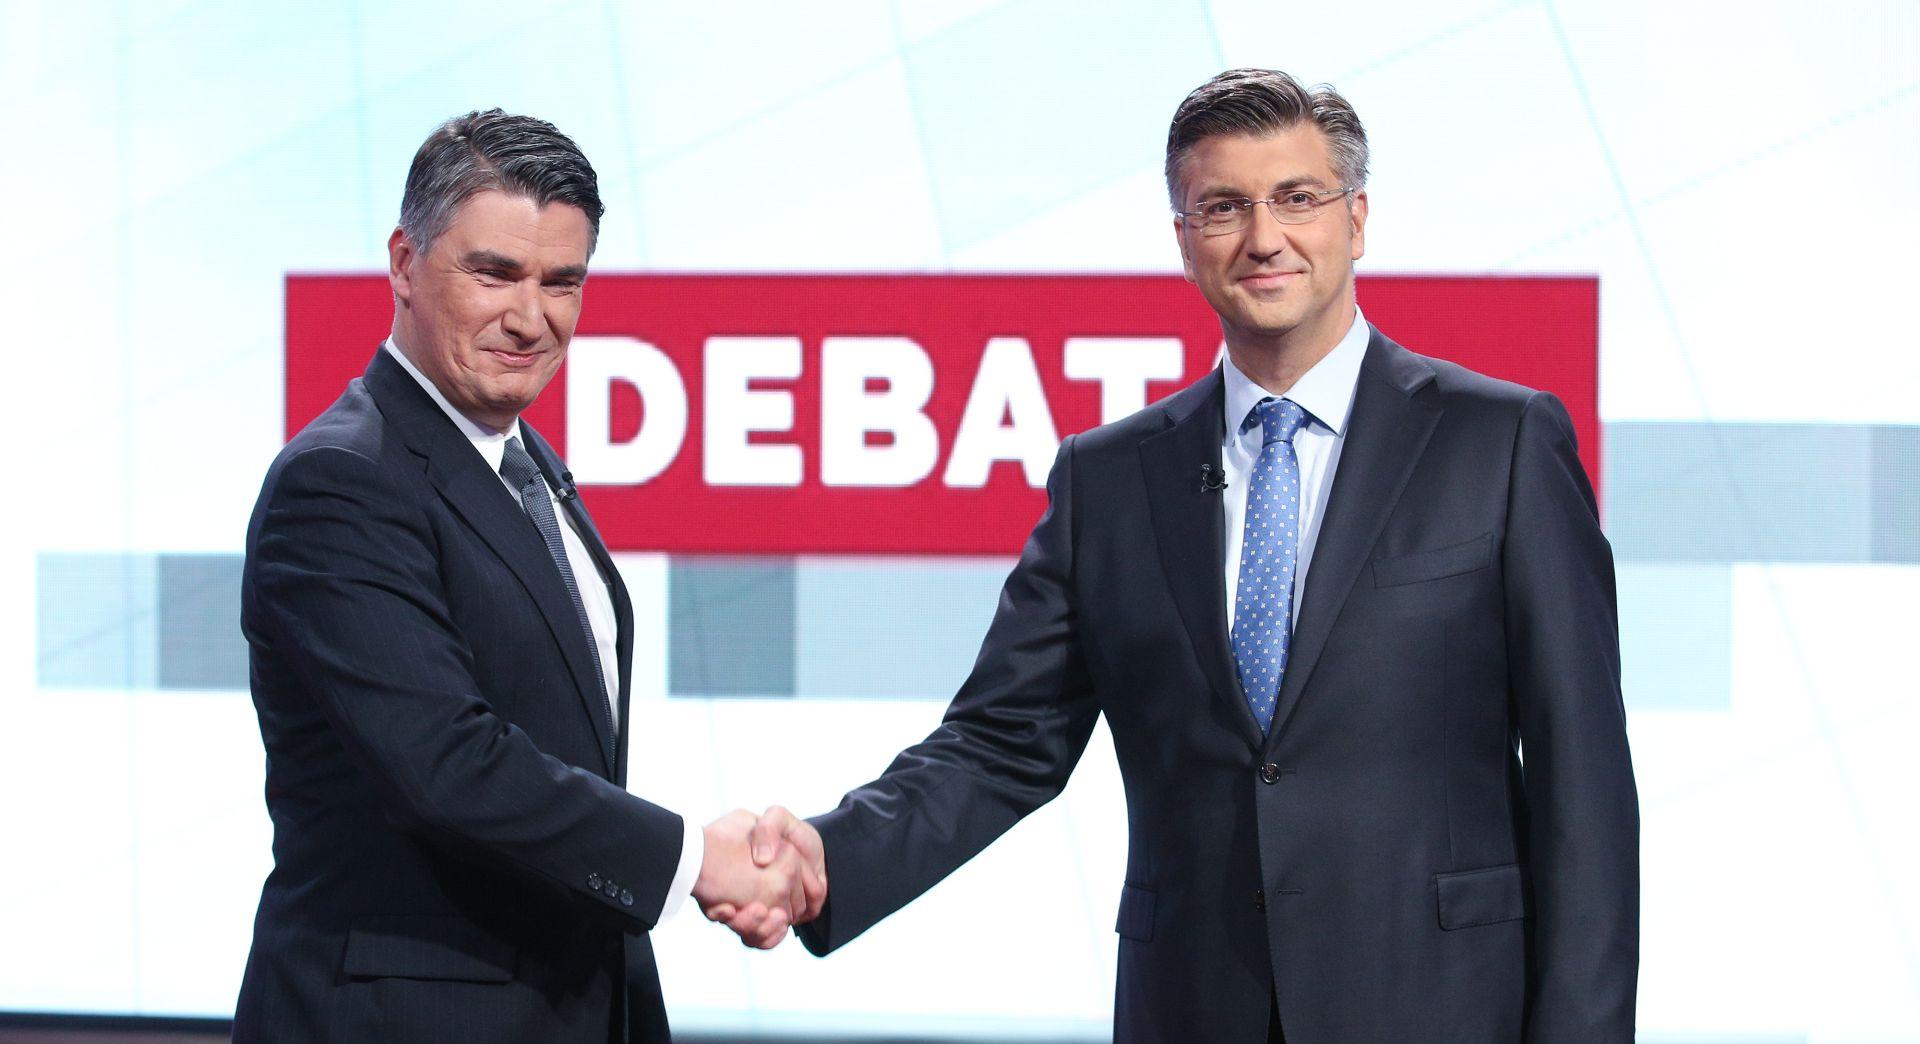 """'Economist' se raspisao o Hrvatskoj: """"Tamo je politika ostala u 80-ima, ako ne i u 40-ima"""""""